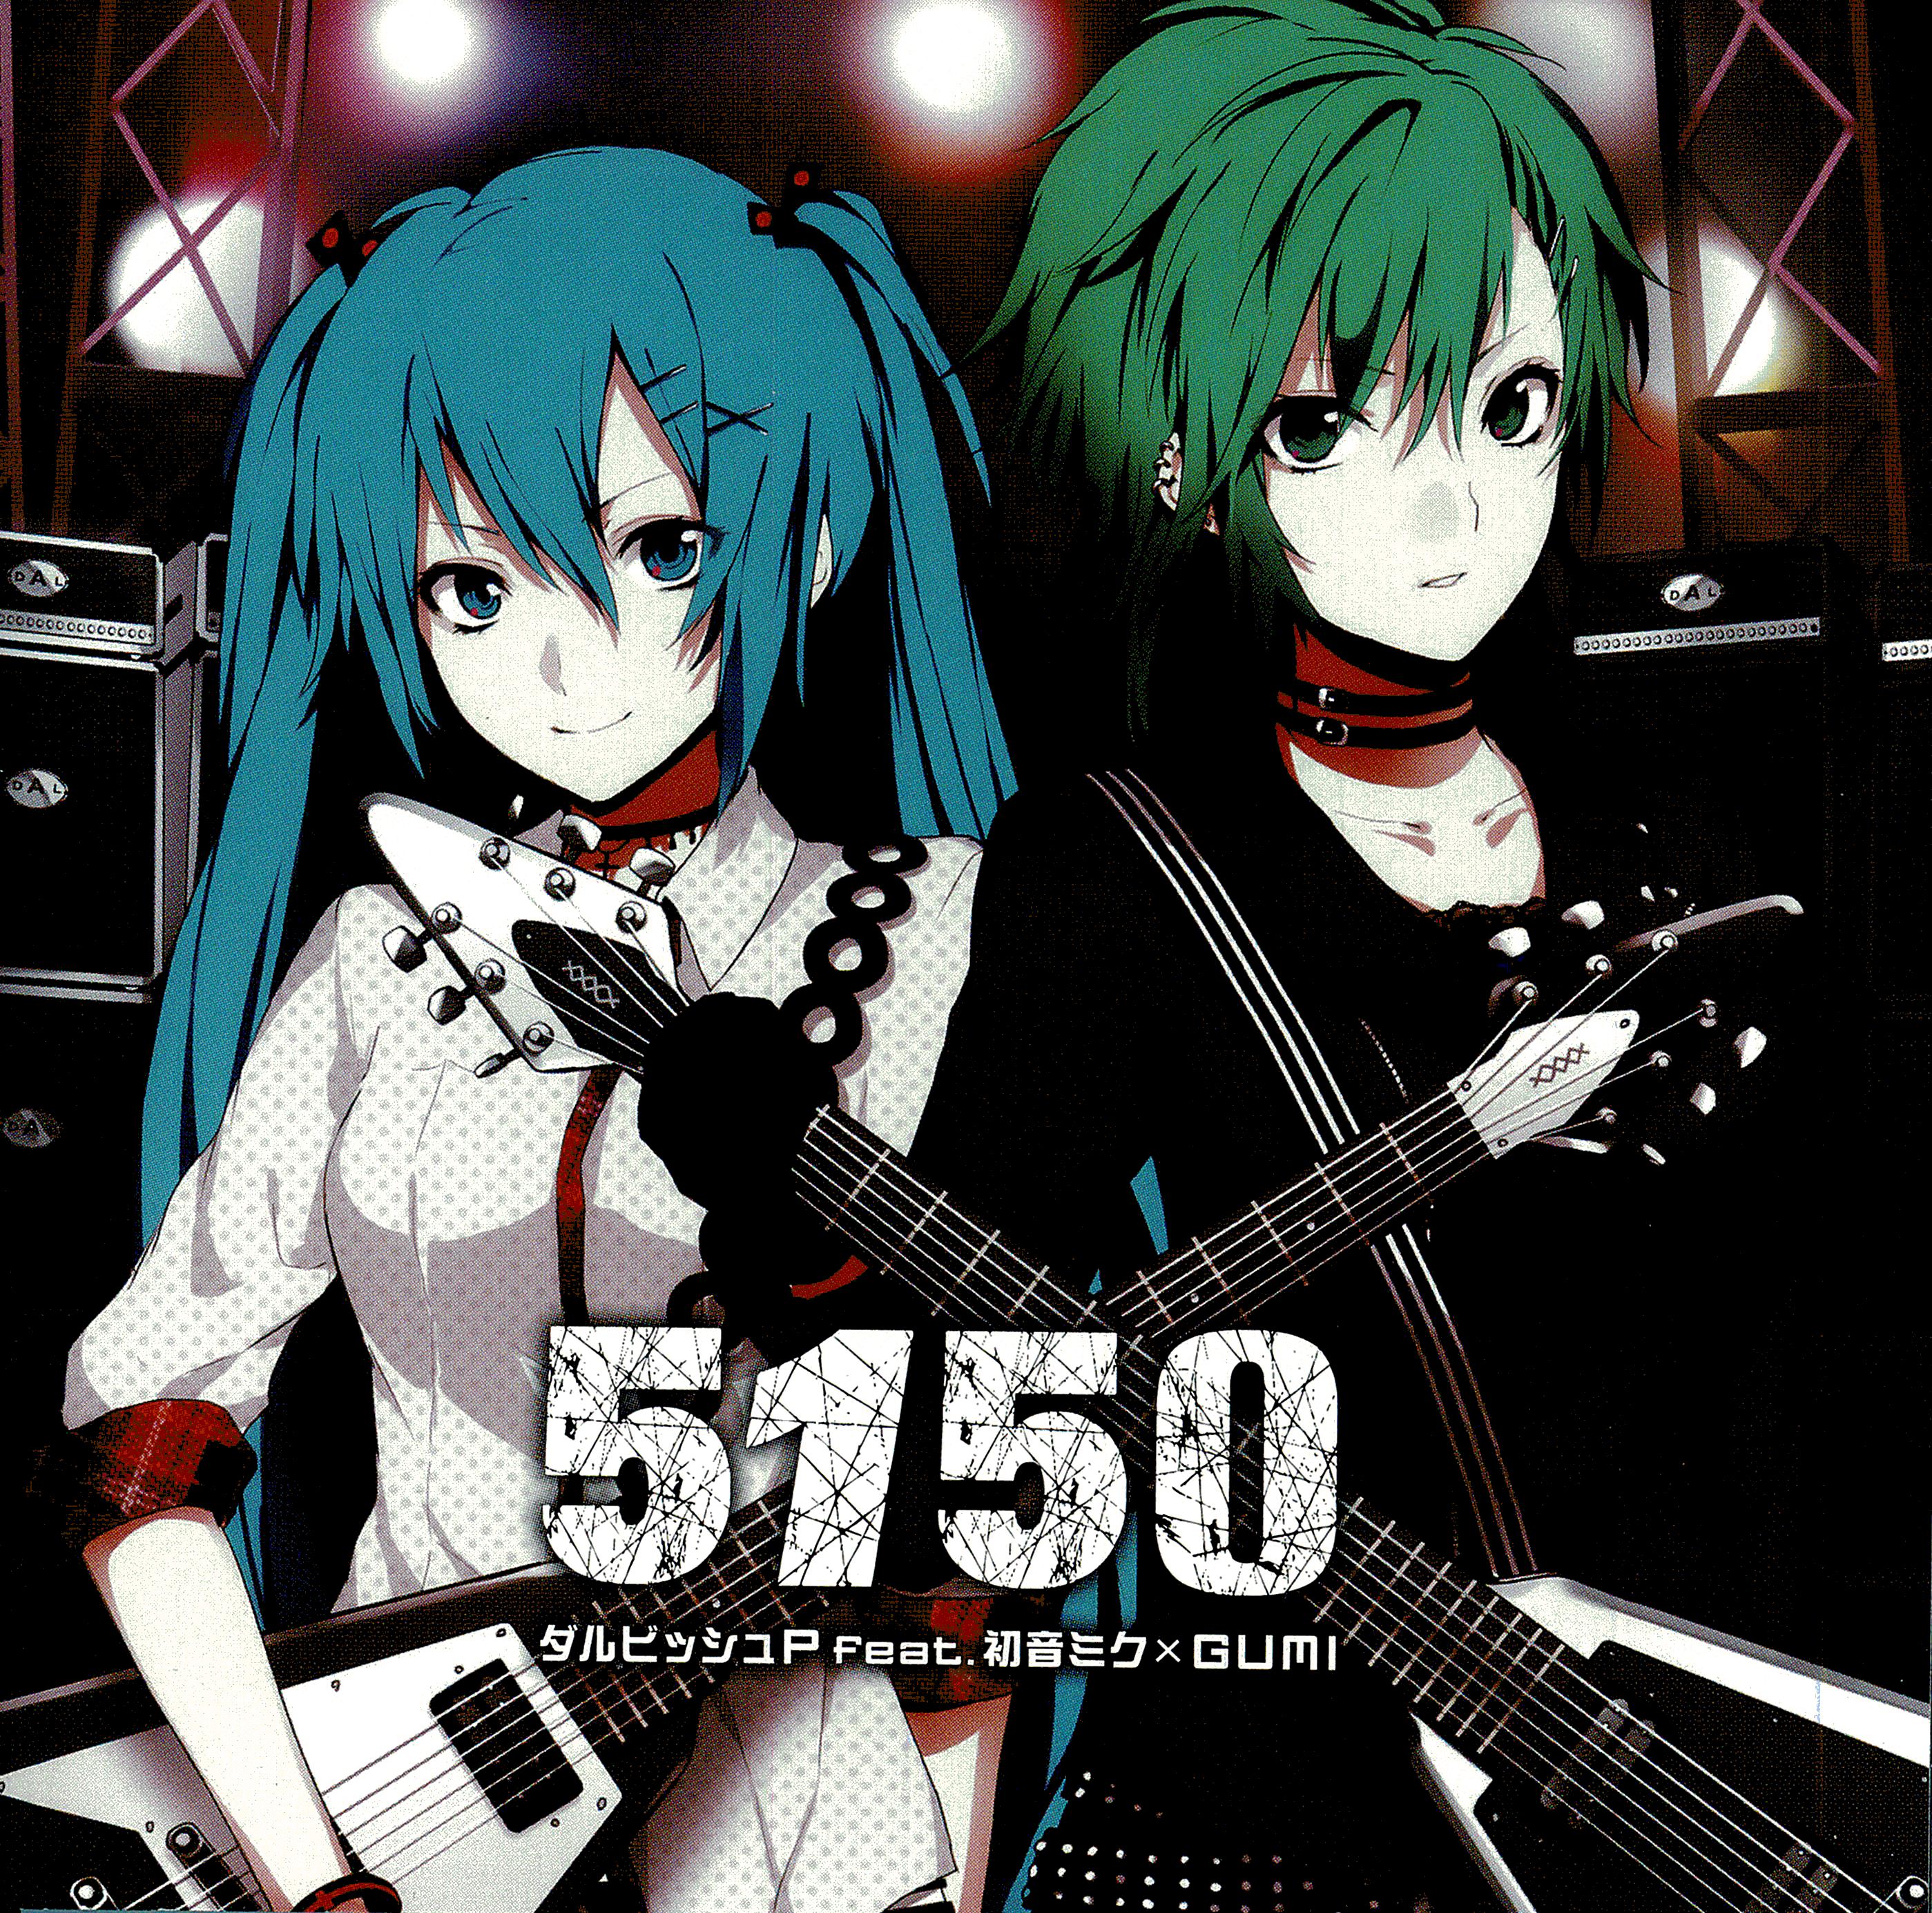 5150 (album)